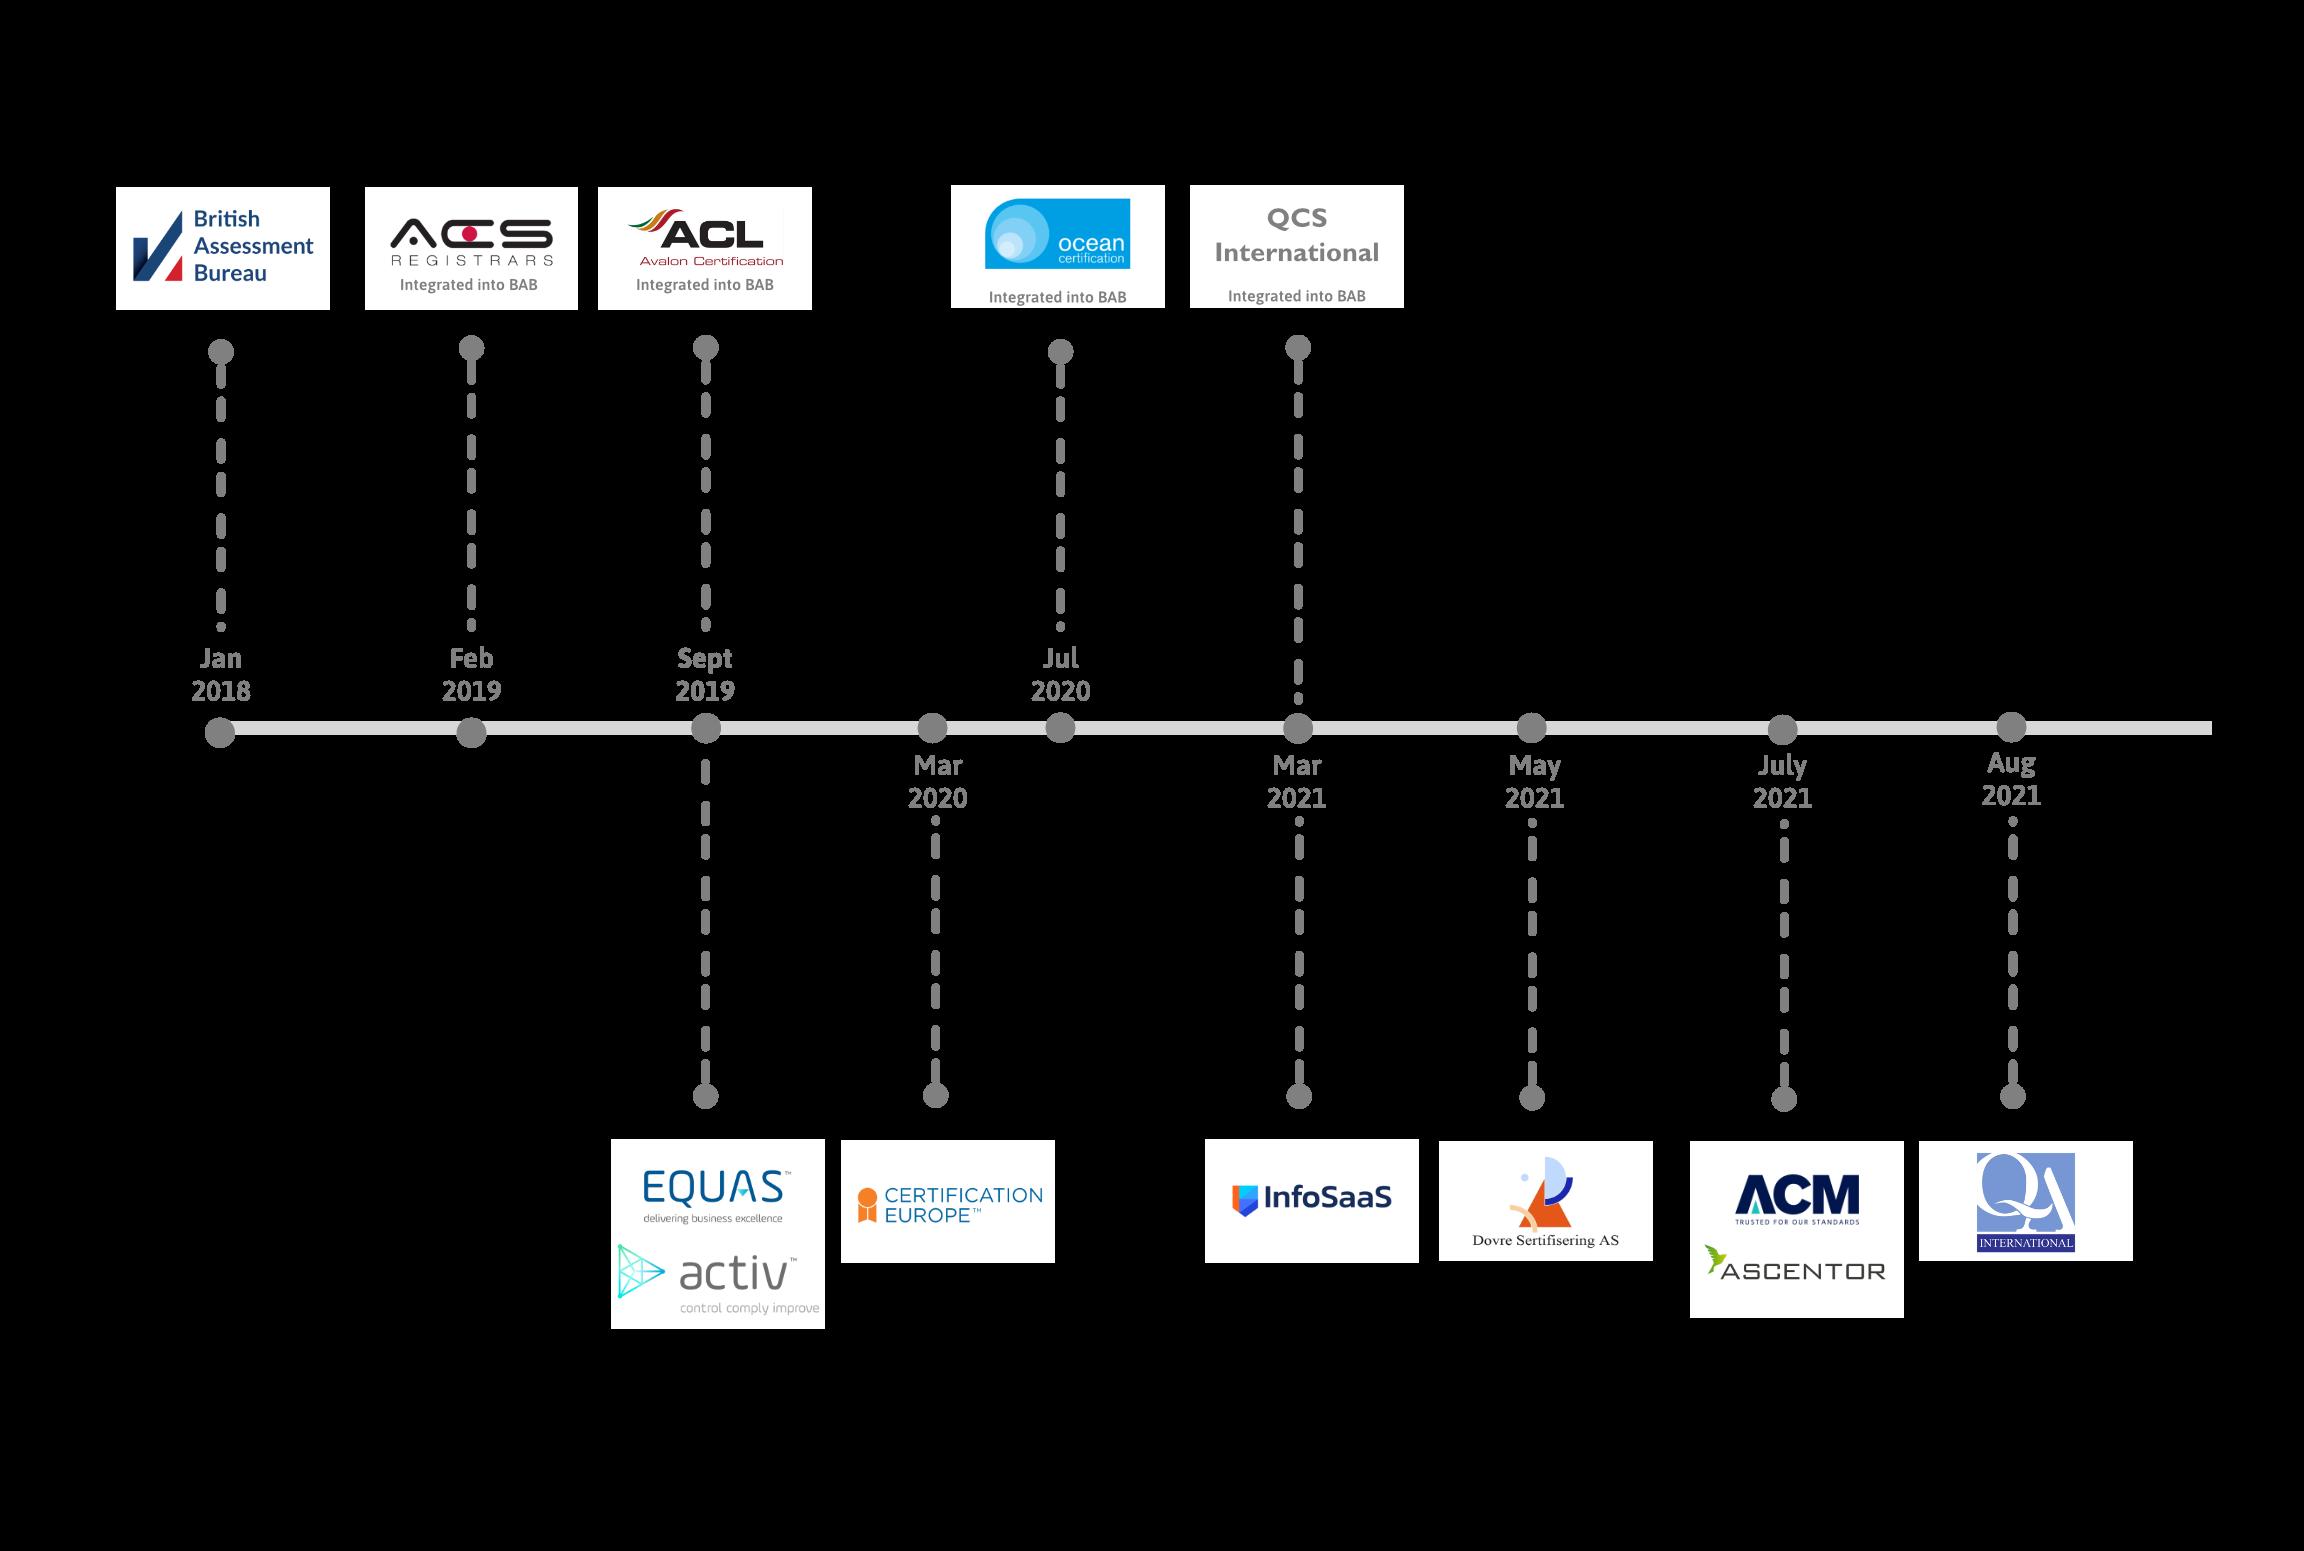 Amtivo Acquisition Timeline